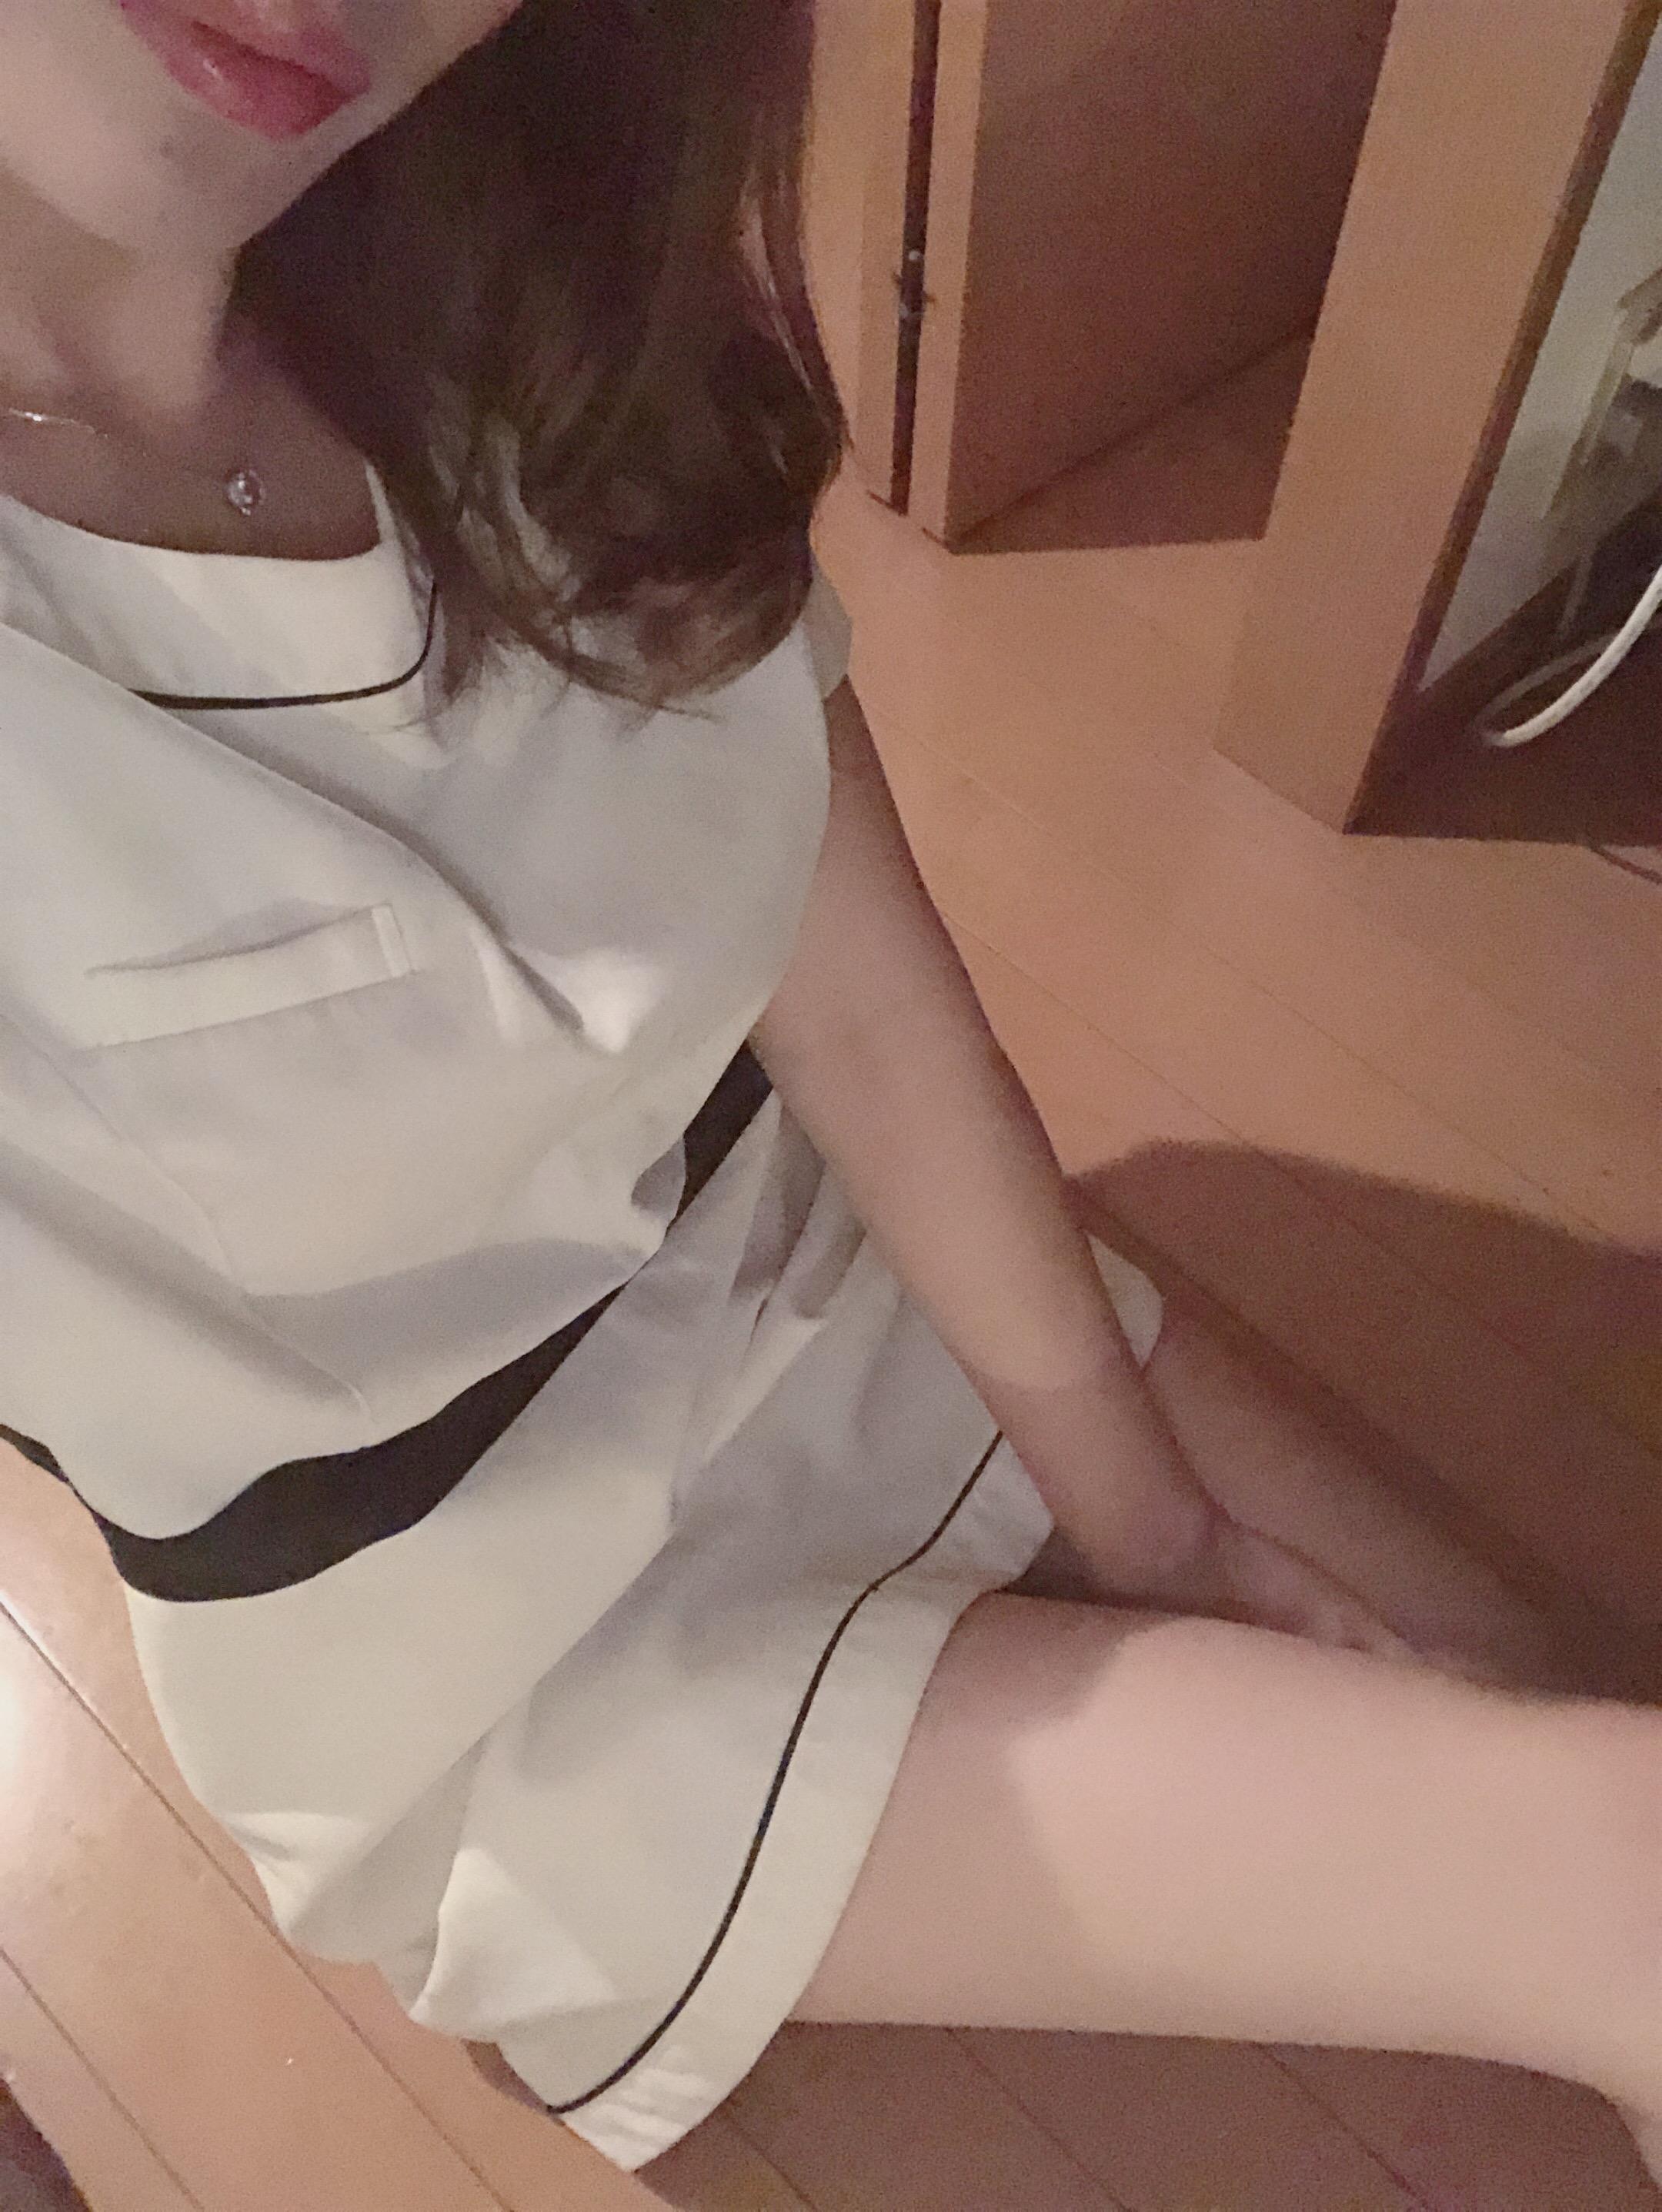 「こんにちわ」10/17(日) 00:39   西川 せとかの写メ日記